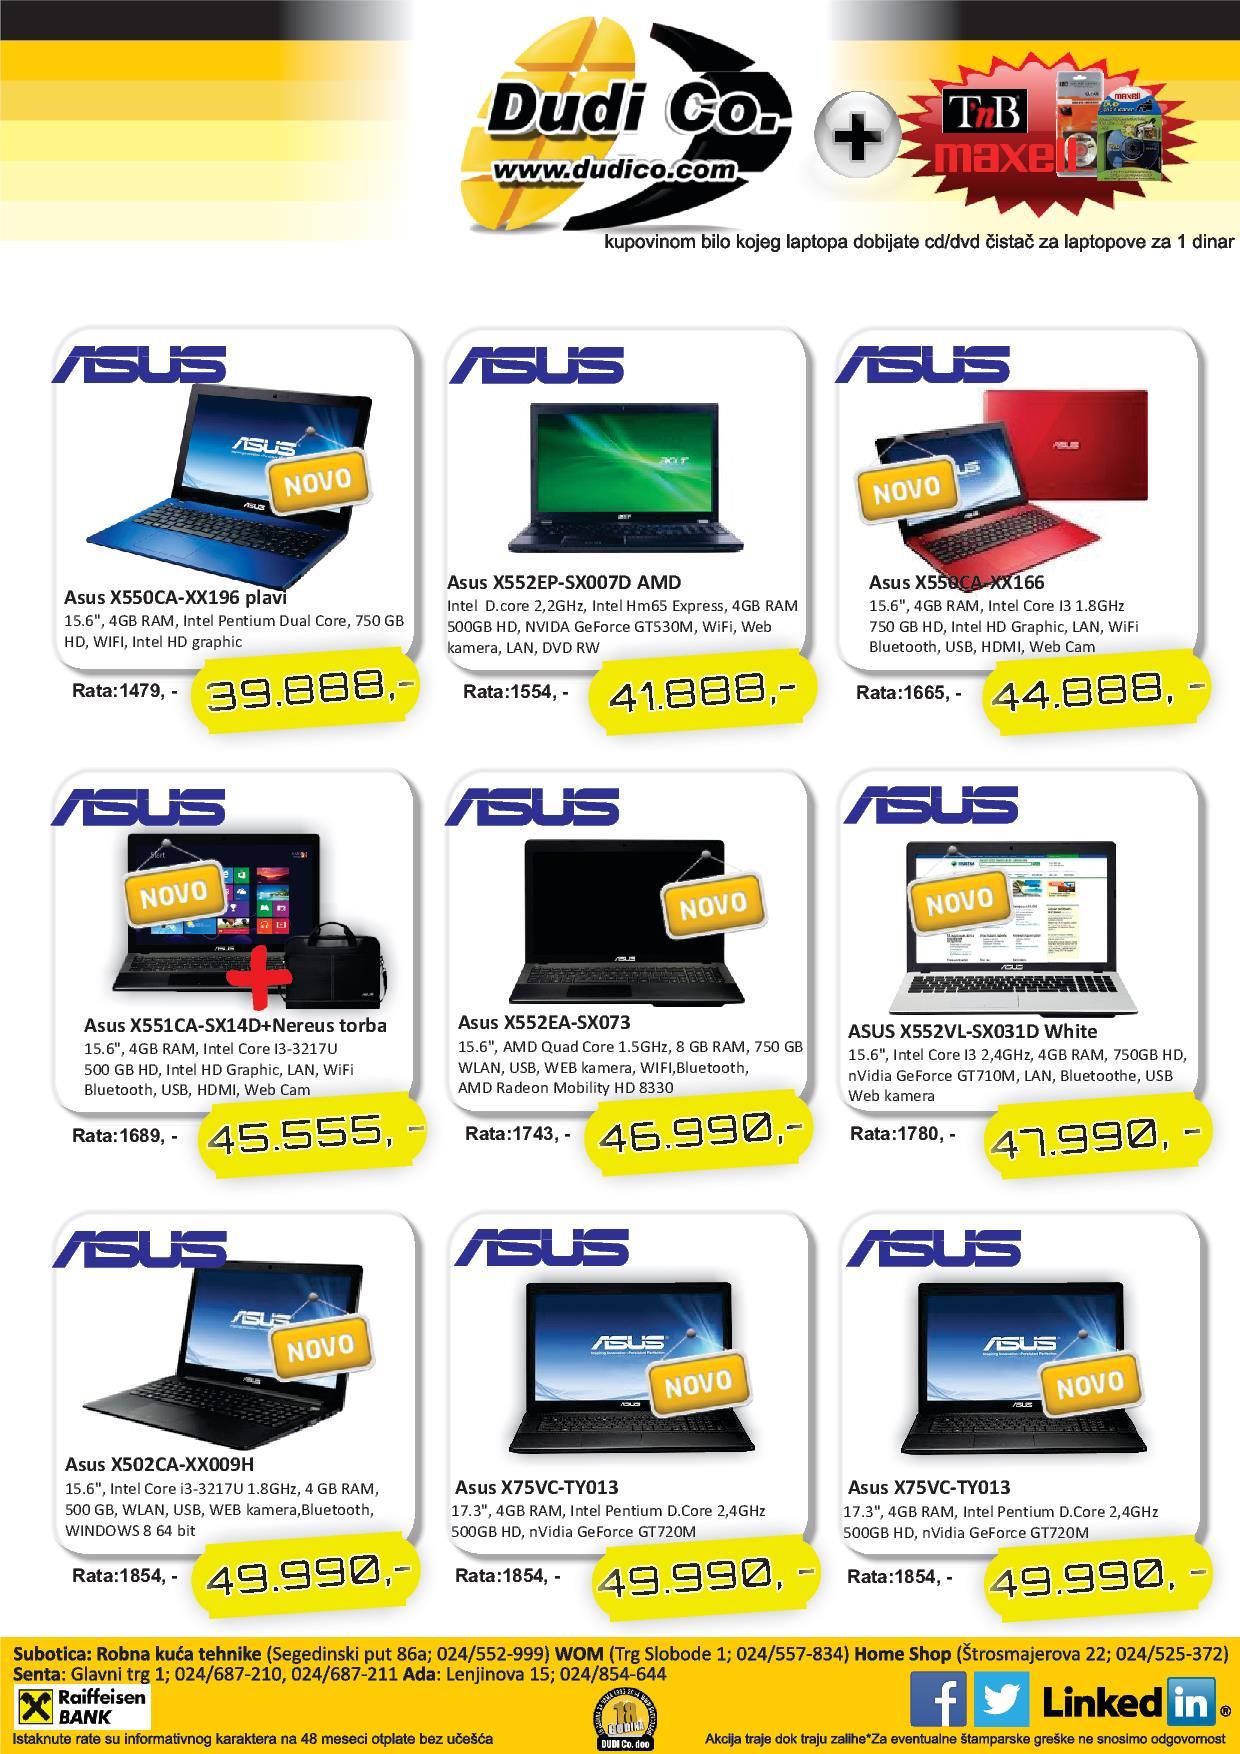 Dudico akcija laptop uređaji na popustu